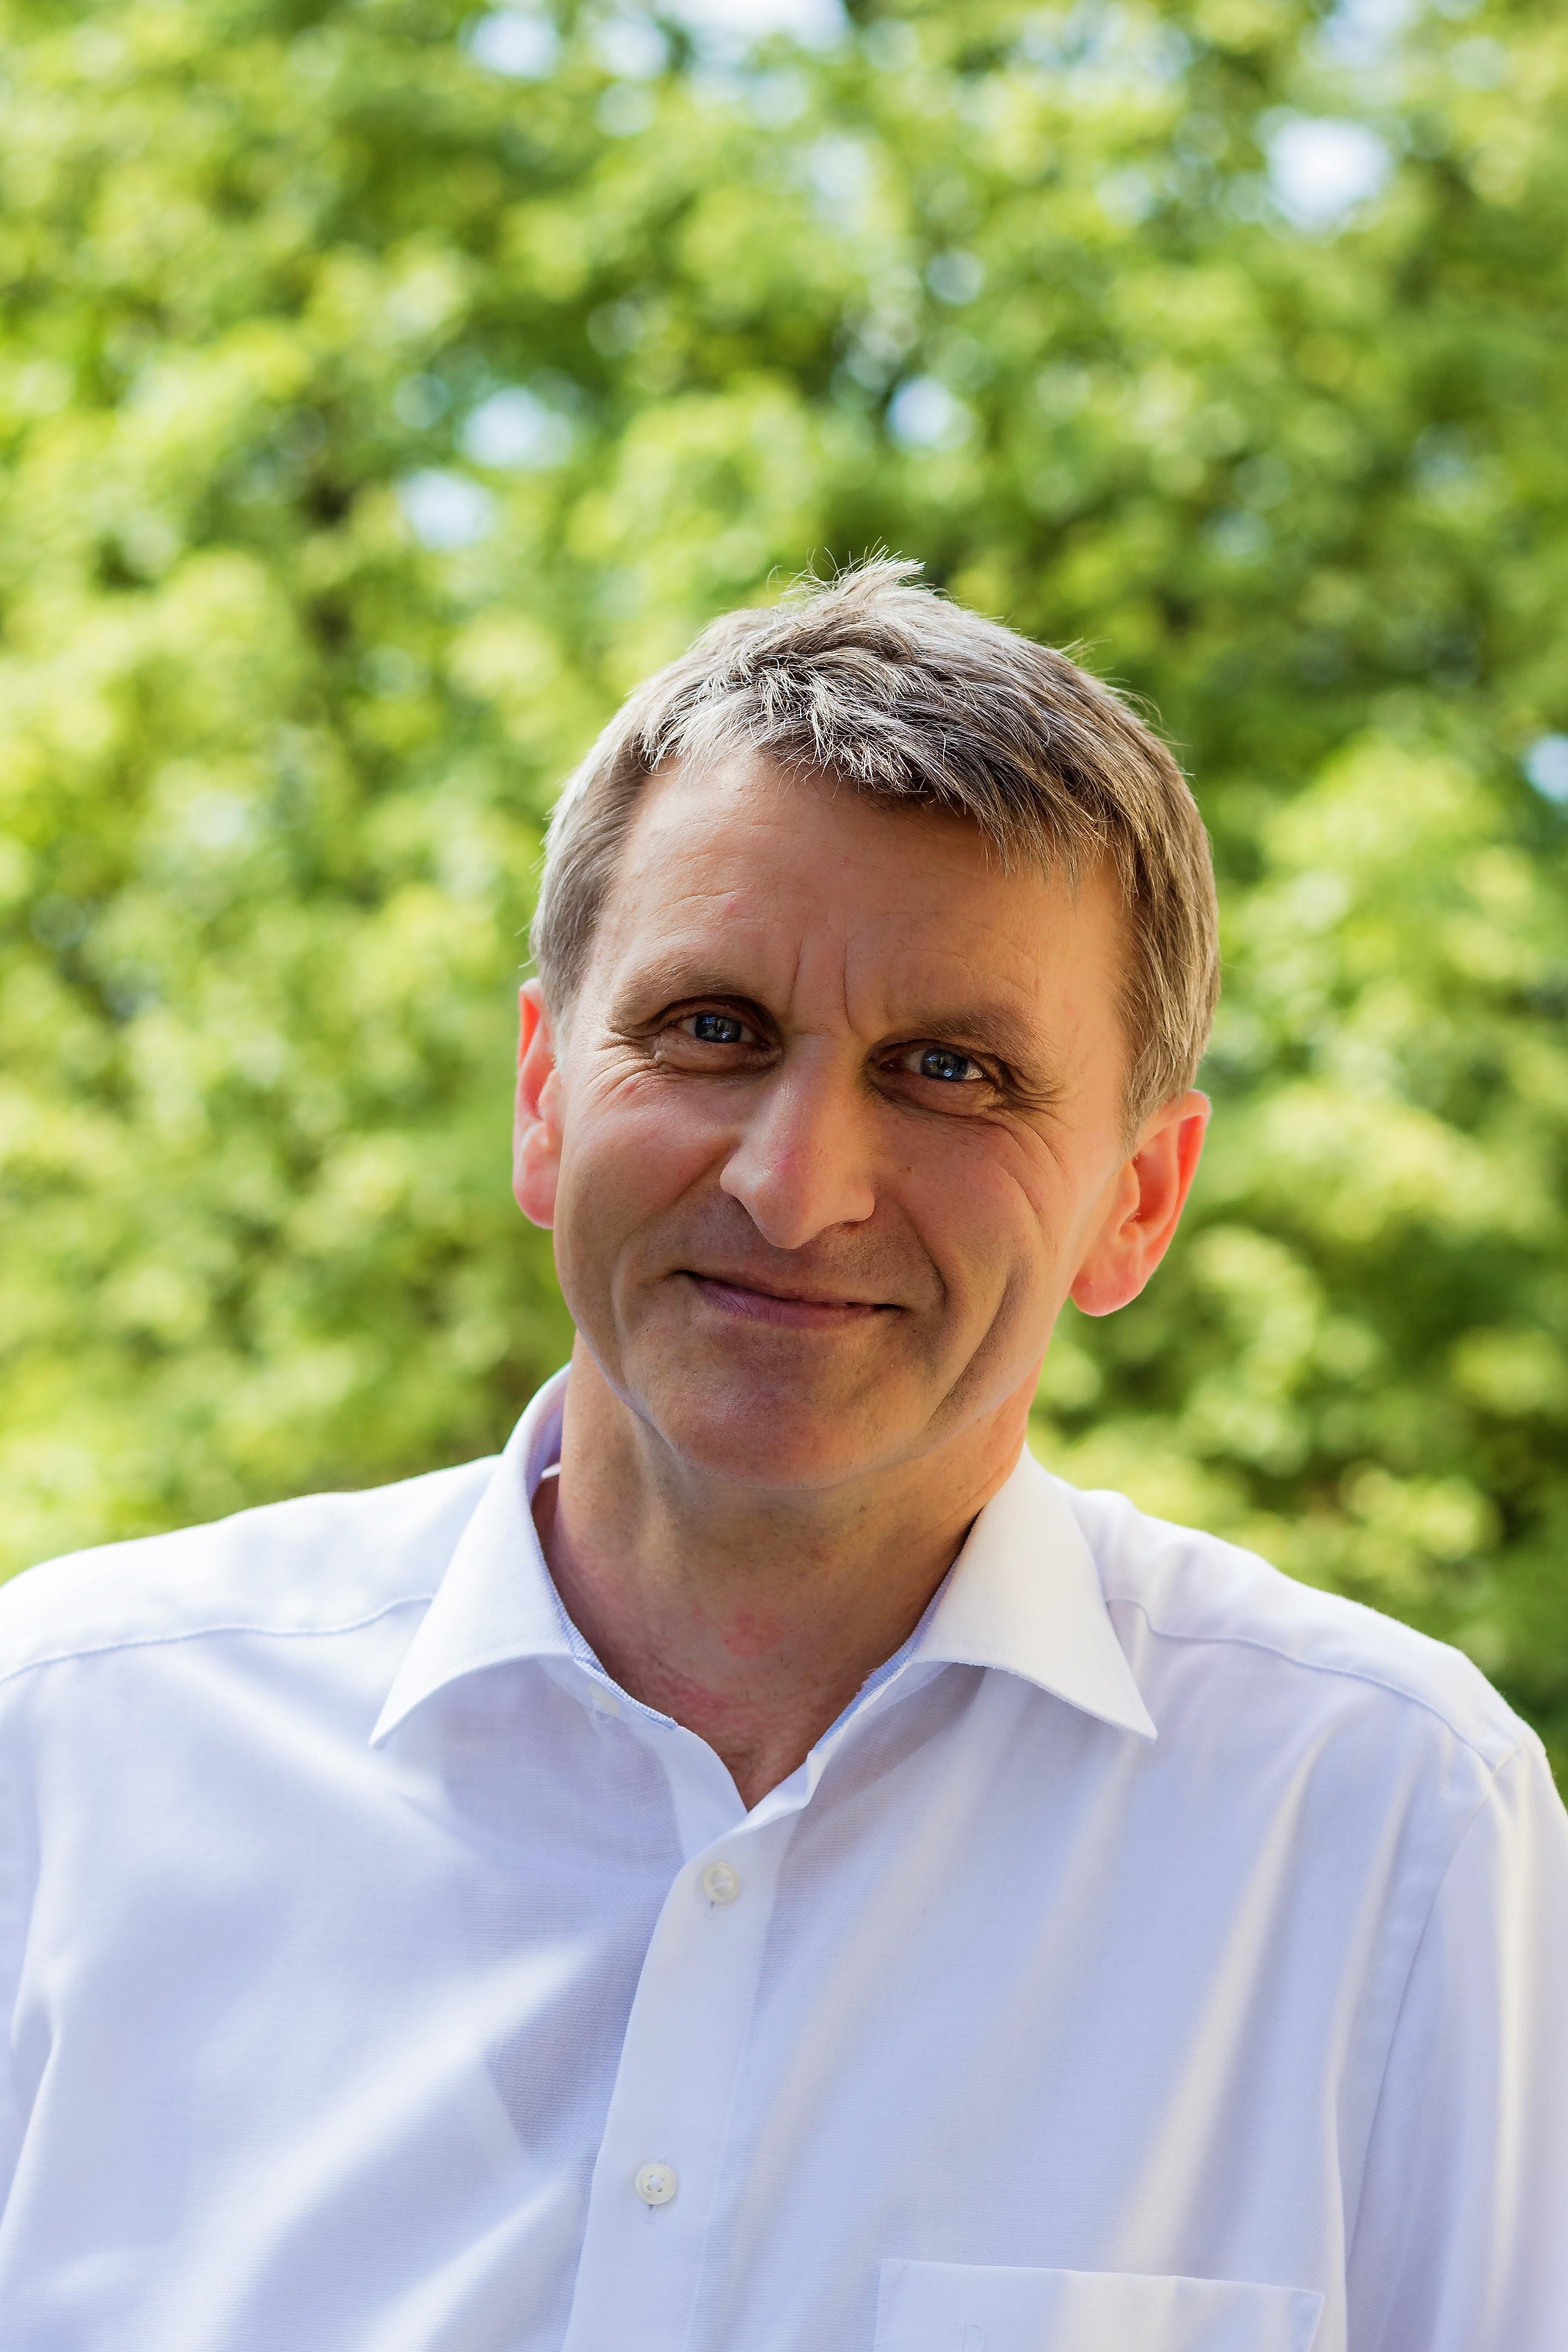 Jörg Schmidt